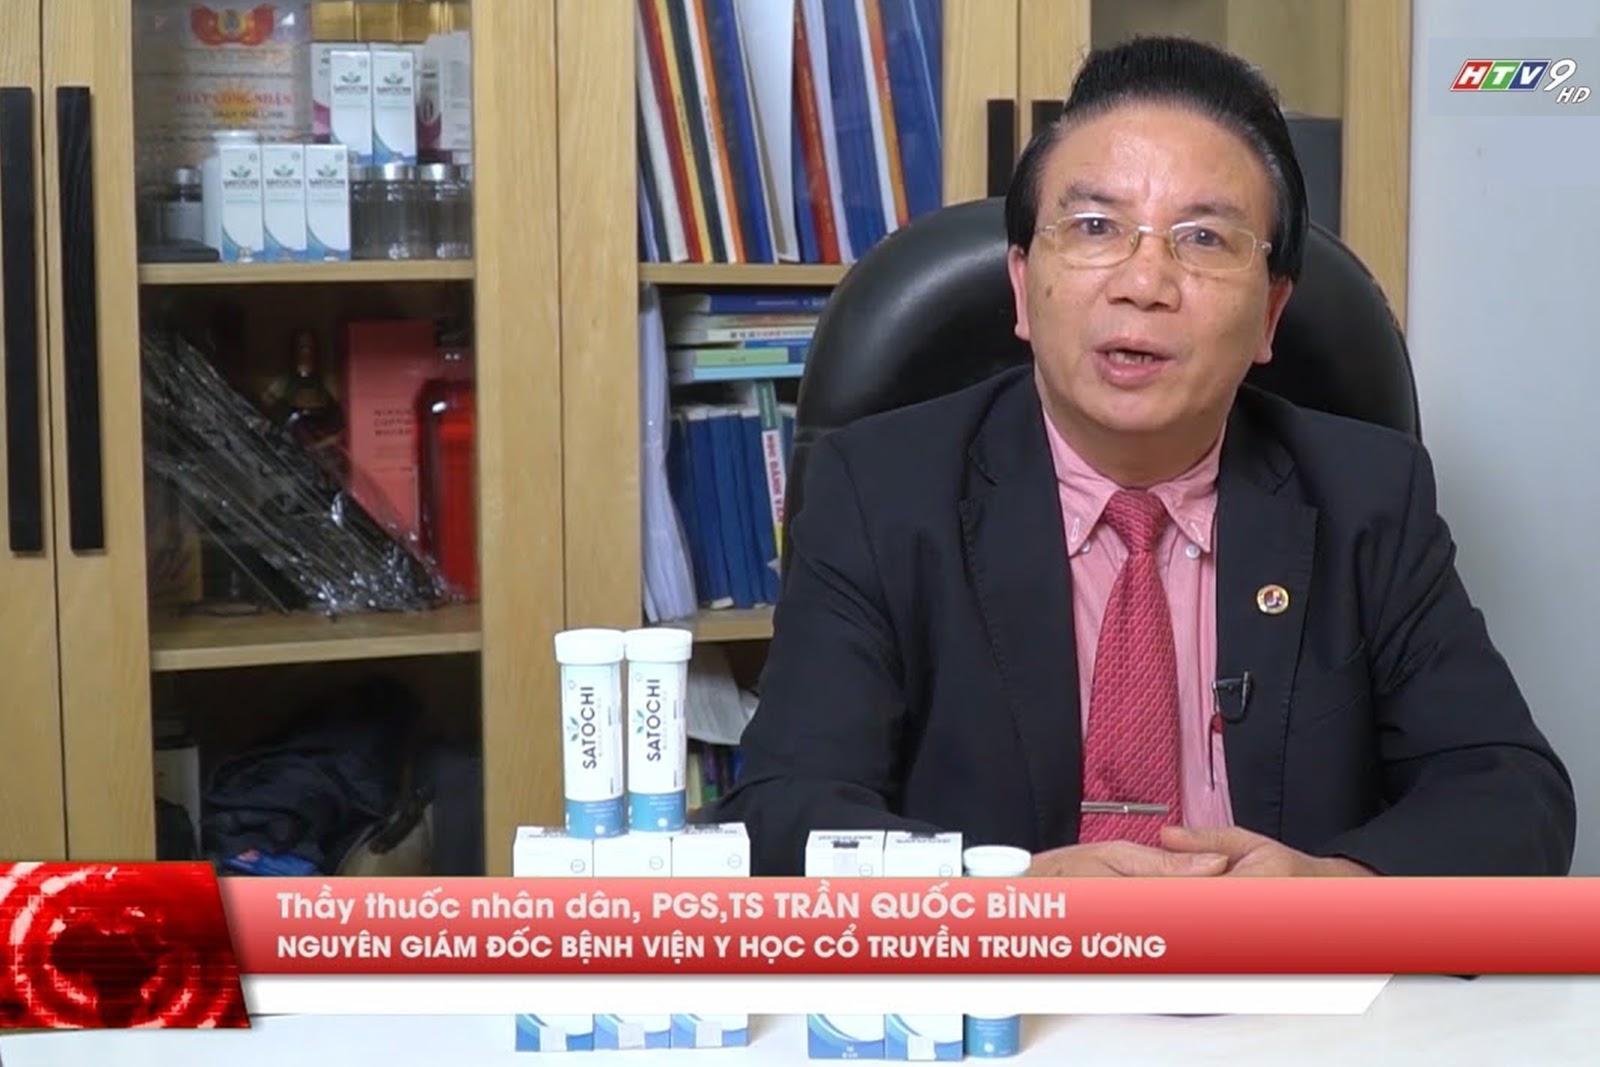 Giới chuyên môn đánh giá như thế nào về Satochi – Viên sủi dành cho người bệnh tiểu đường đầu tiên tại Việt Nam? - Ảnh 3